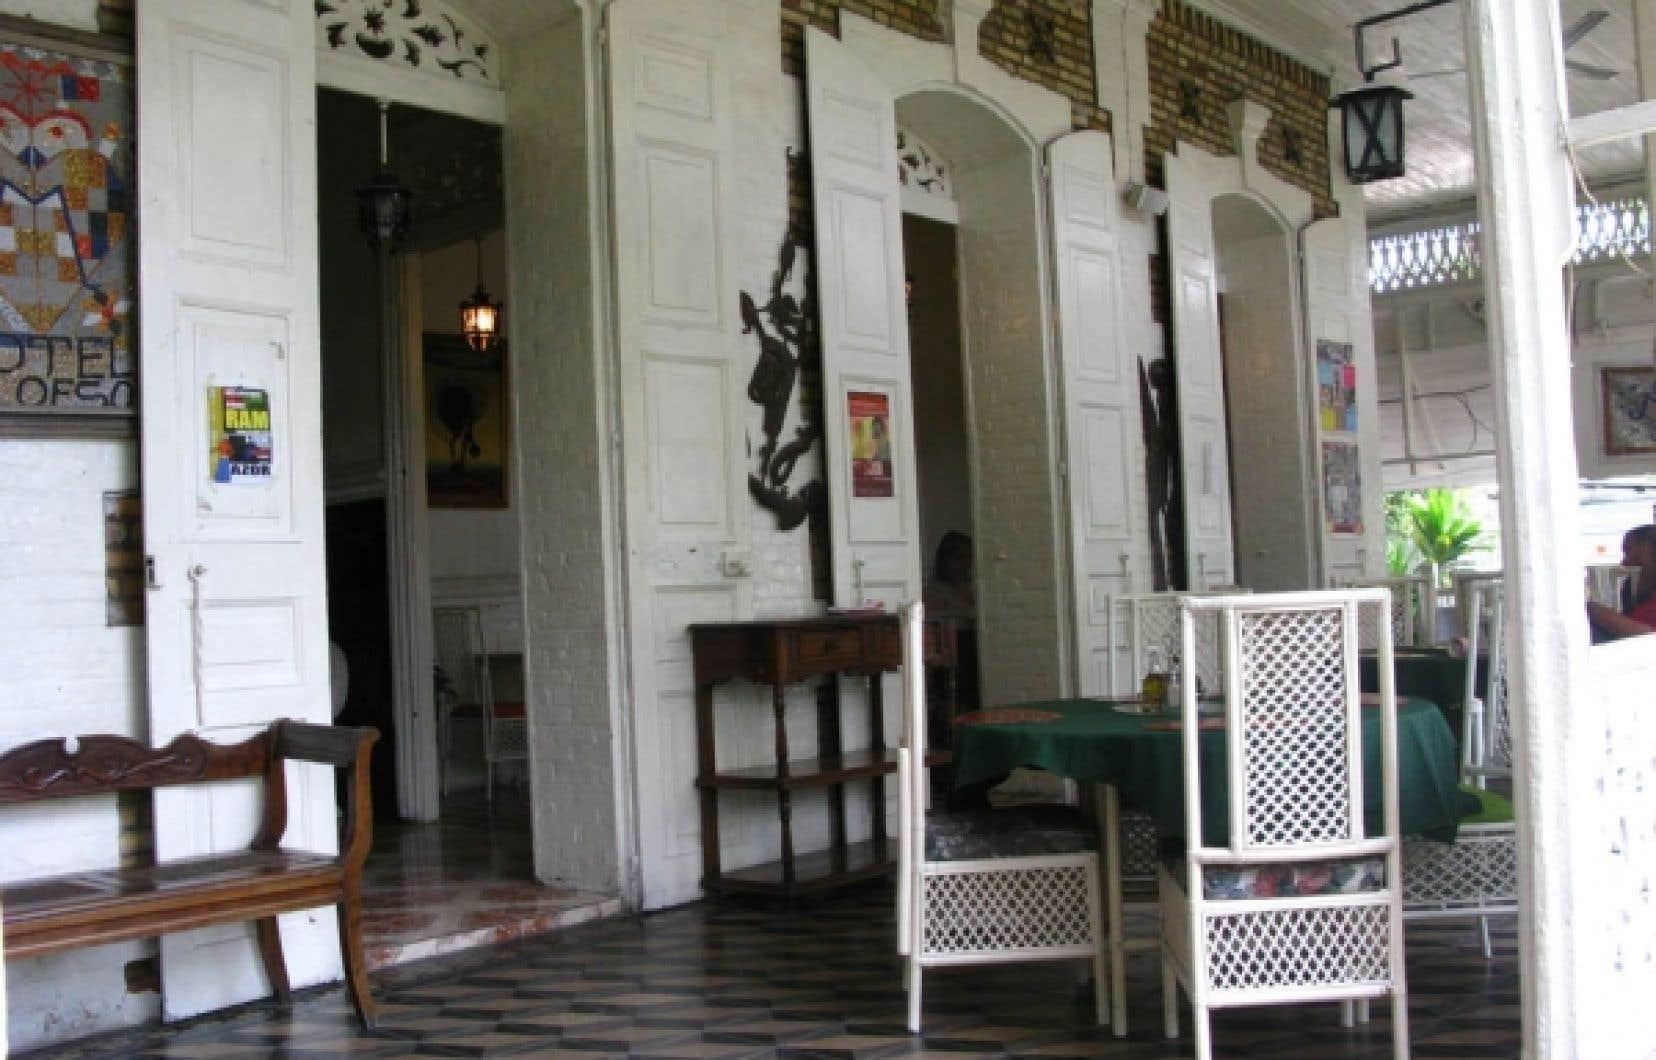 La véranda de l'hôtel Oloffson, dont le charme irrésistible continue de pourvoir aux besoins de l'amateur de bonne chère et du voyageur curieux de traditions locales, et d'attirer une clientèle intellectuelle haïtienne. <br />